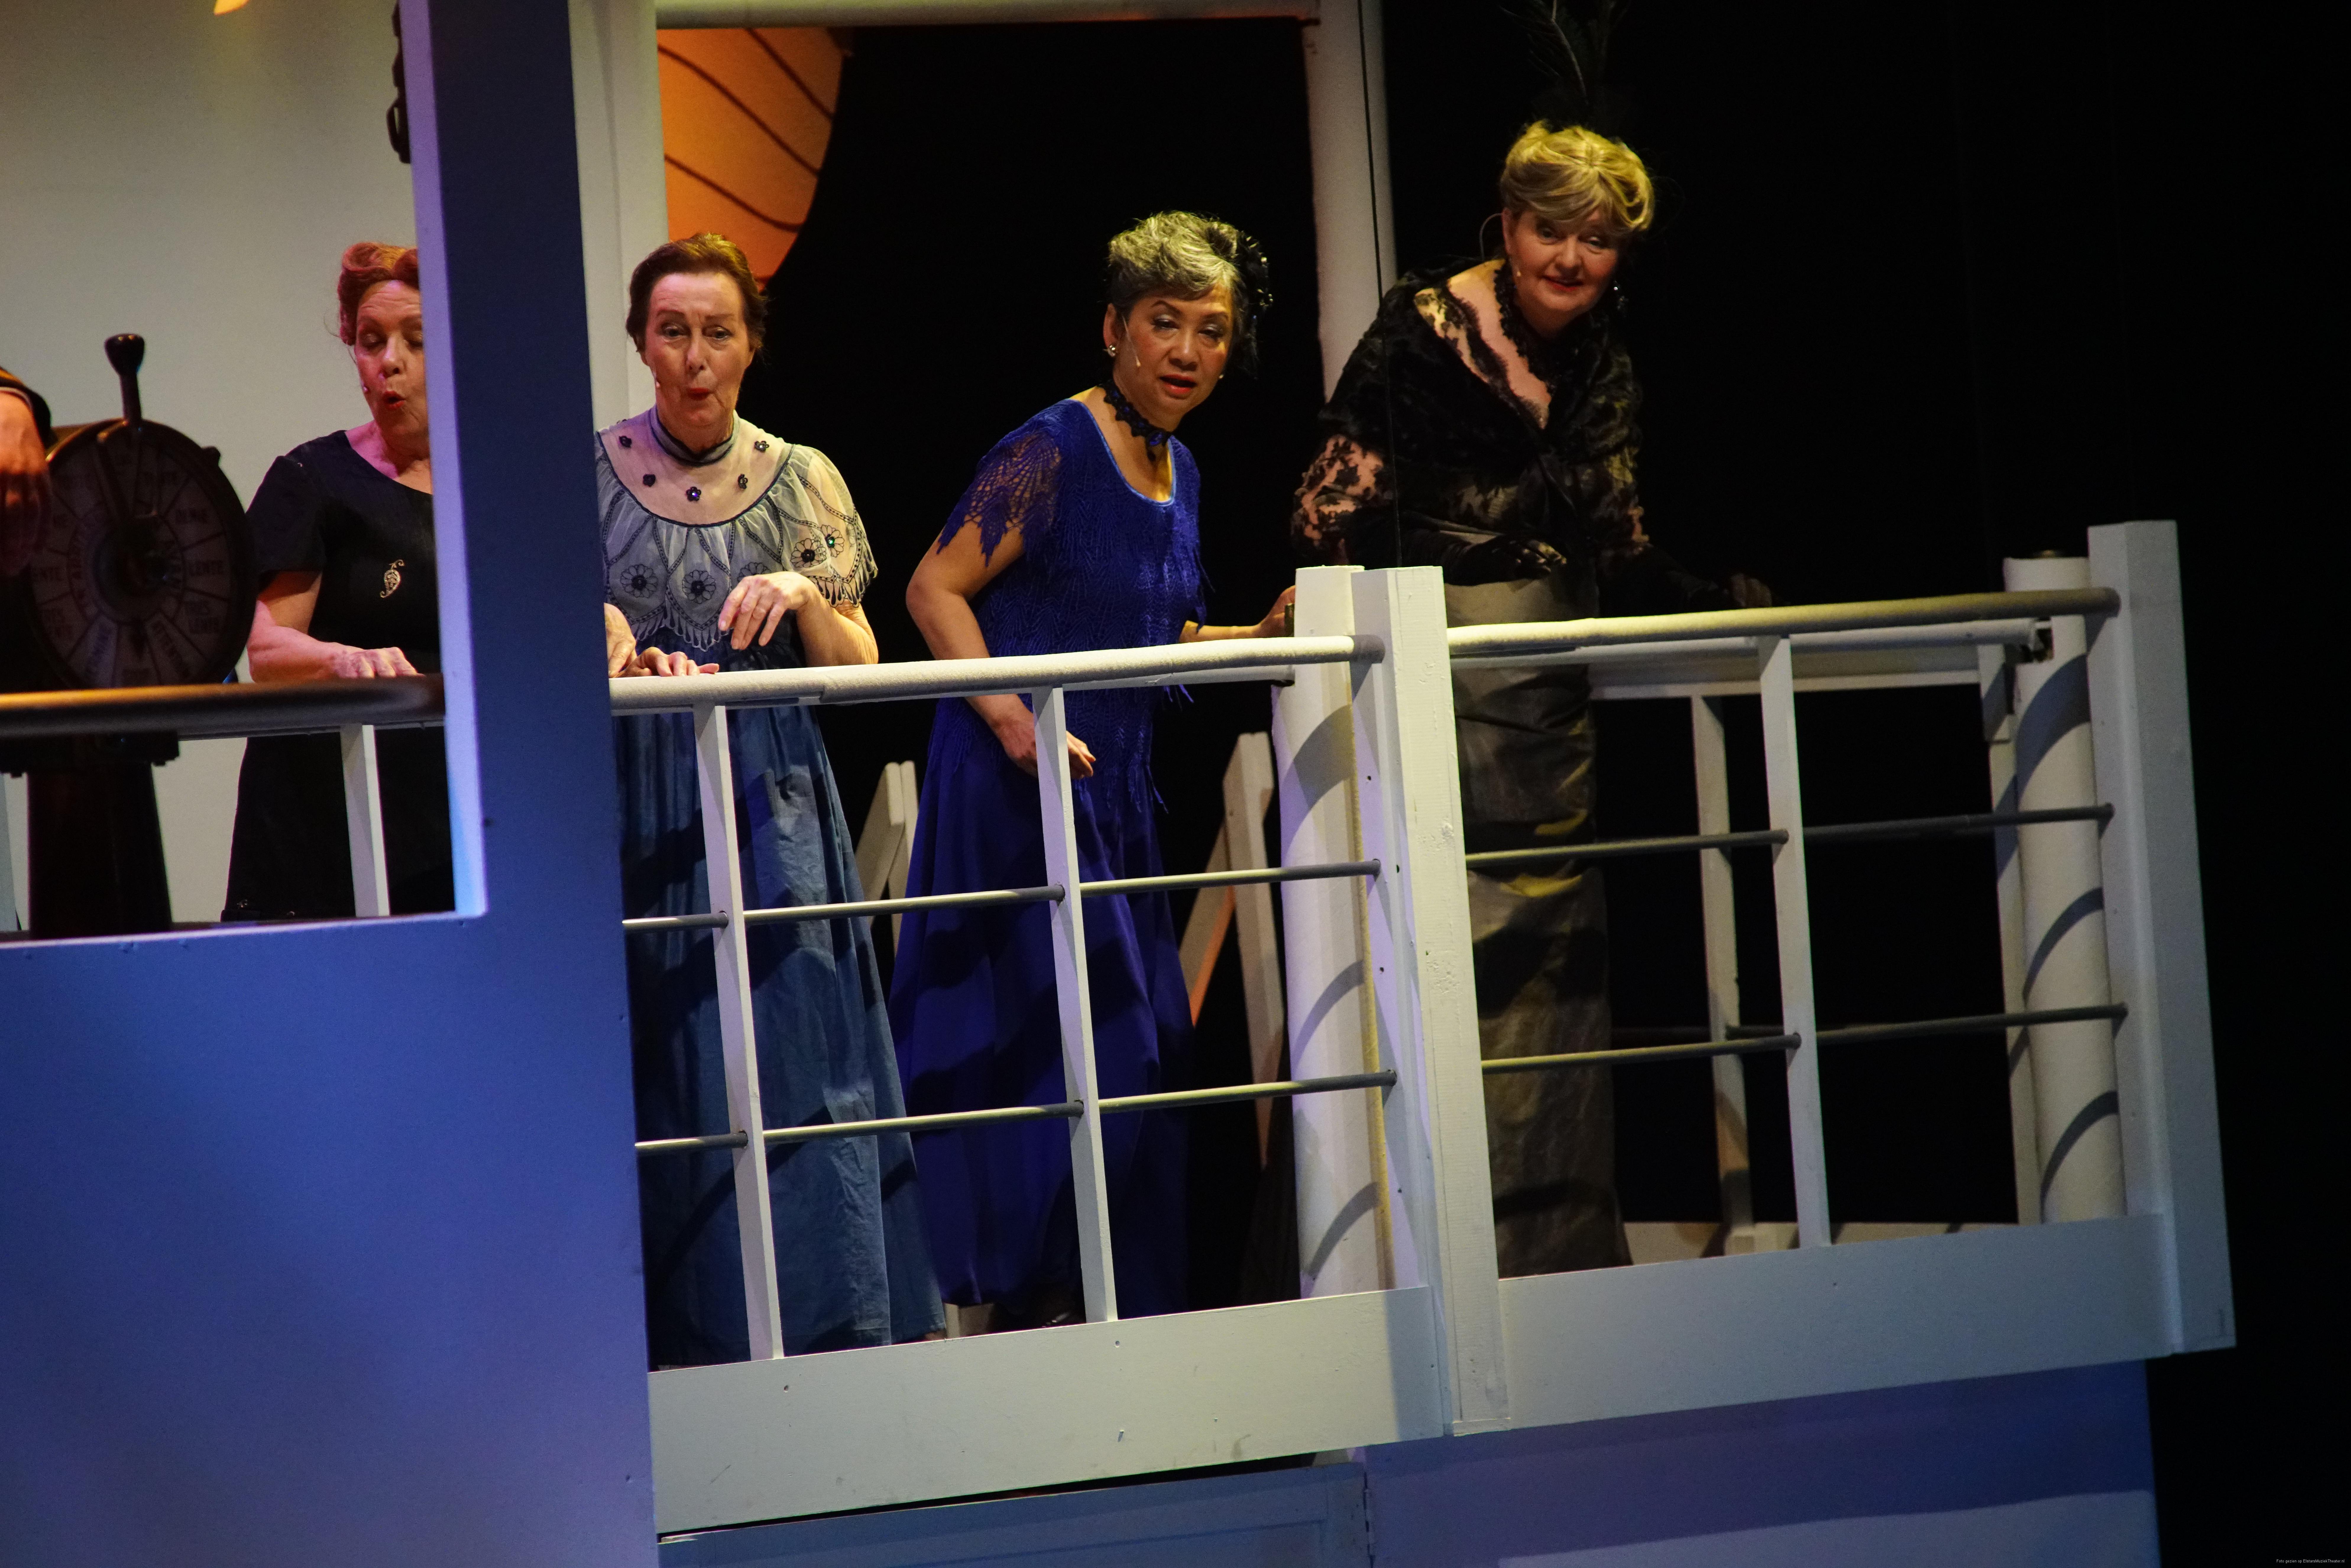 EMT Titanic voorstellingen Donald Schalk-0524.jpg